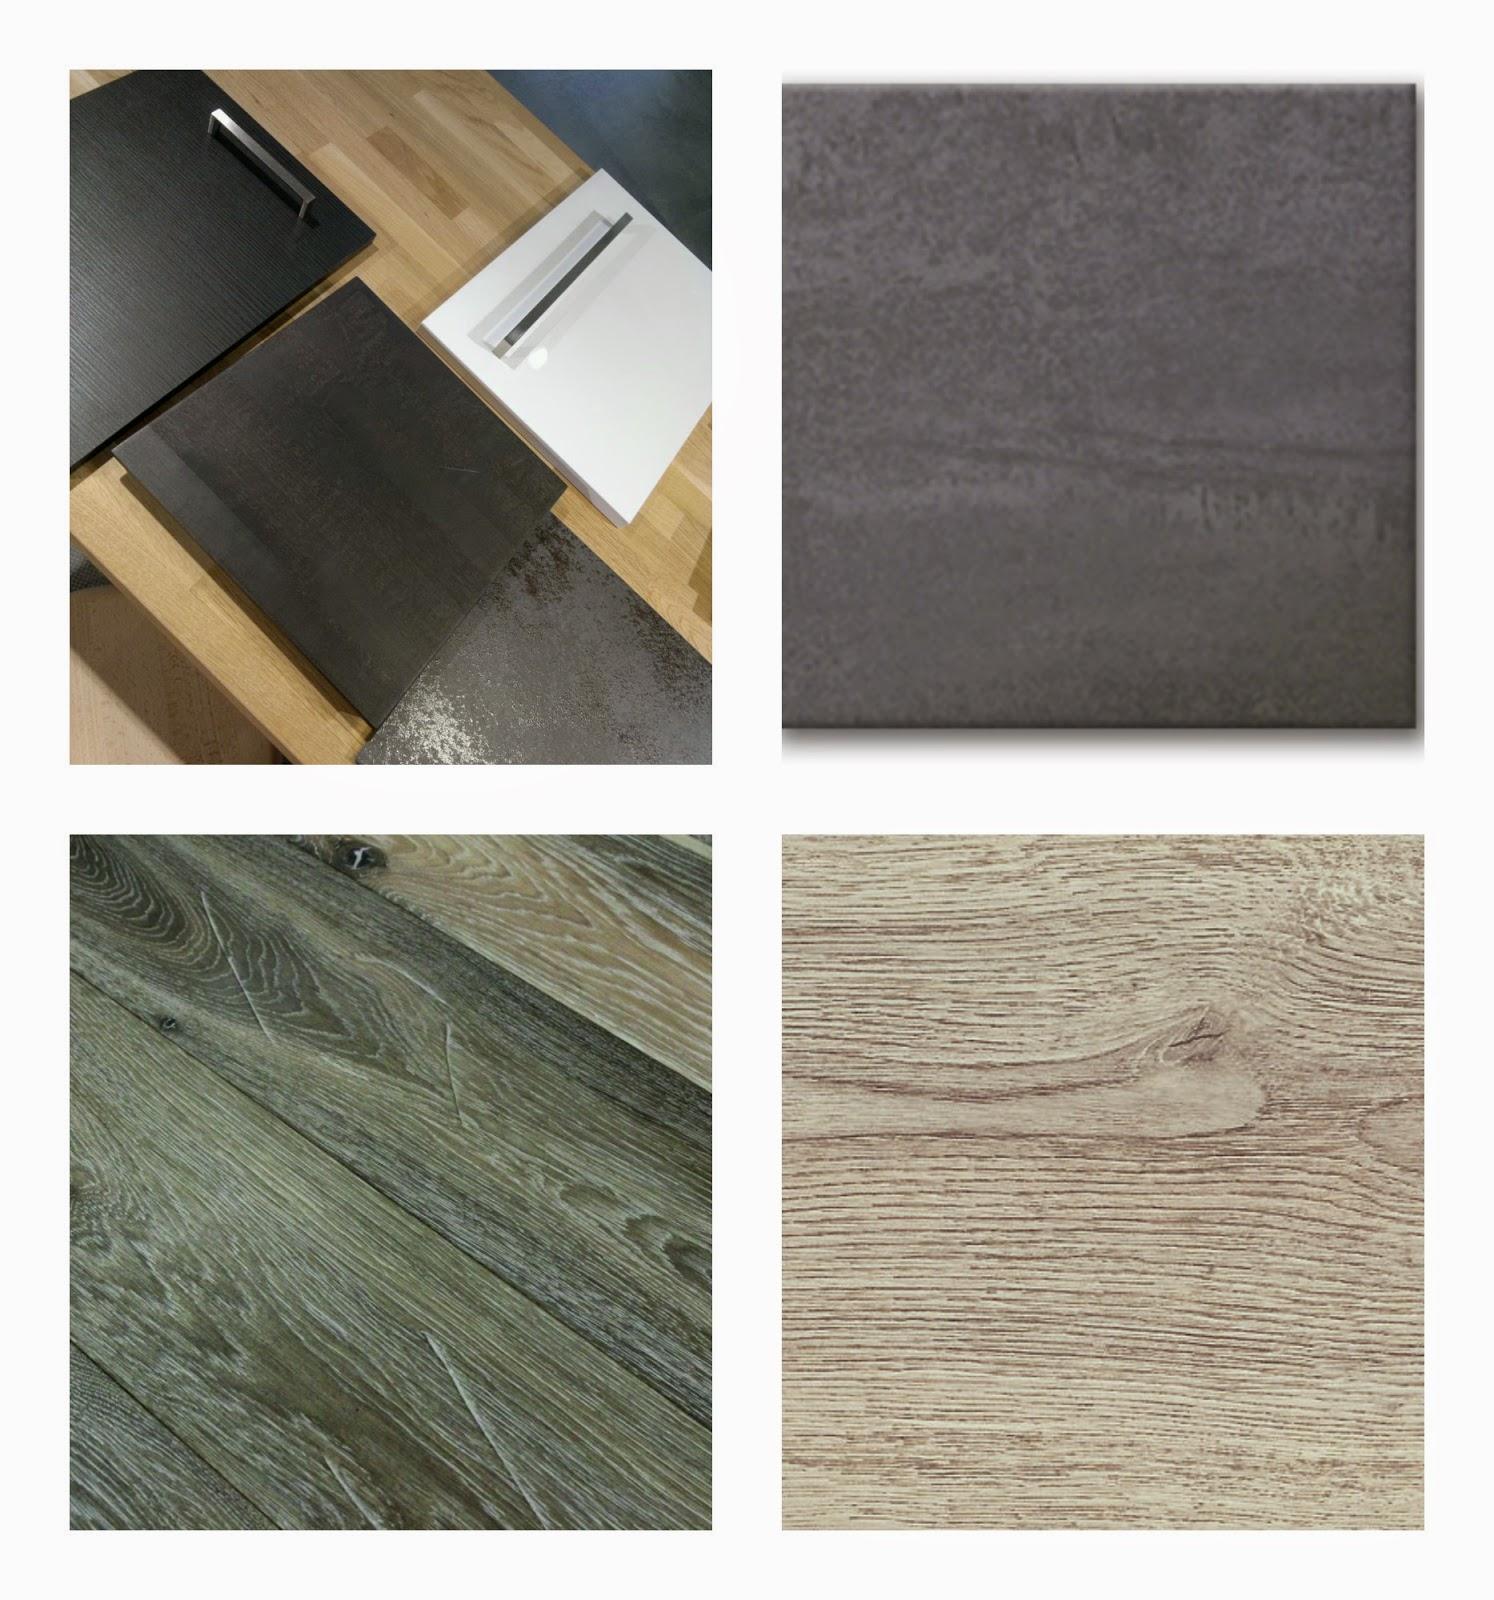 Puuta ja kiveä -raksablogin pintamateriaalivalinnat on tehty